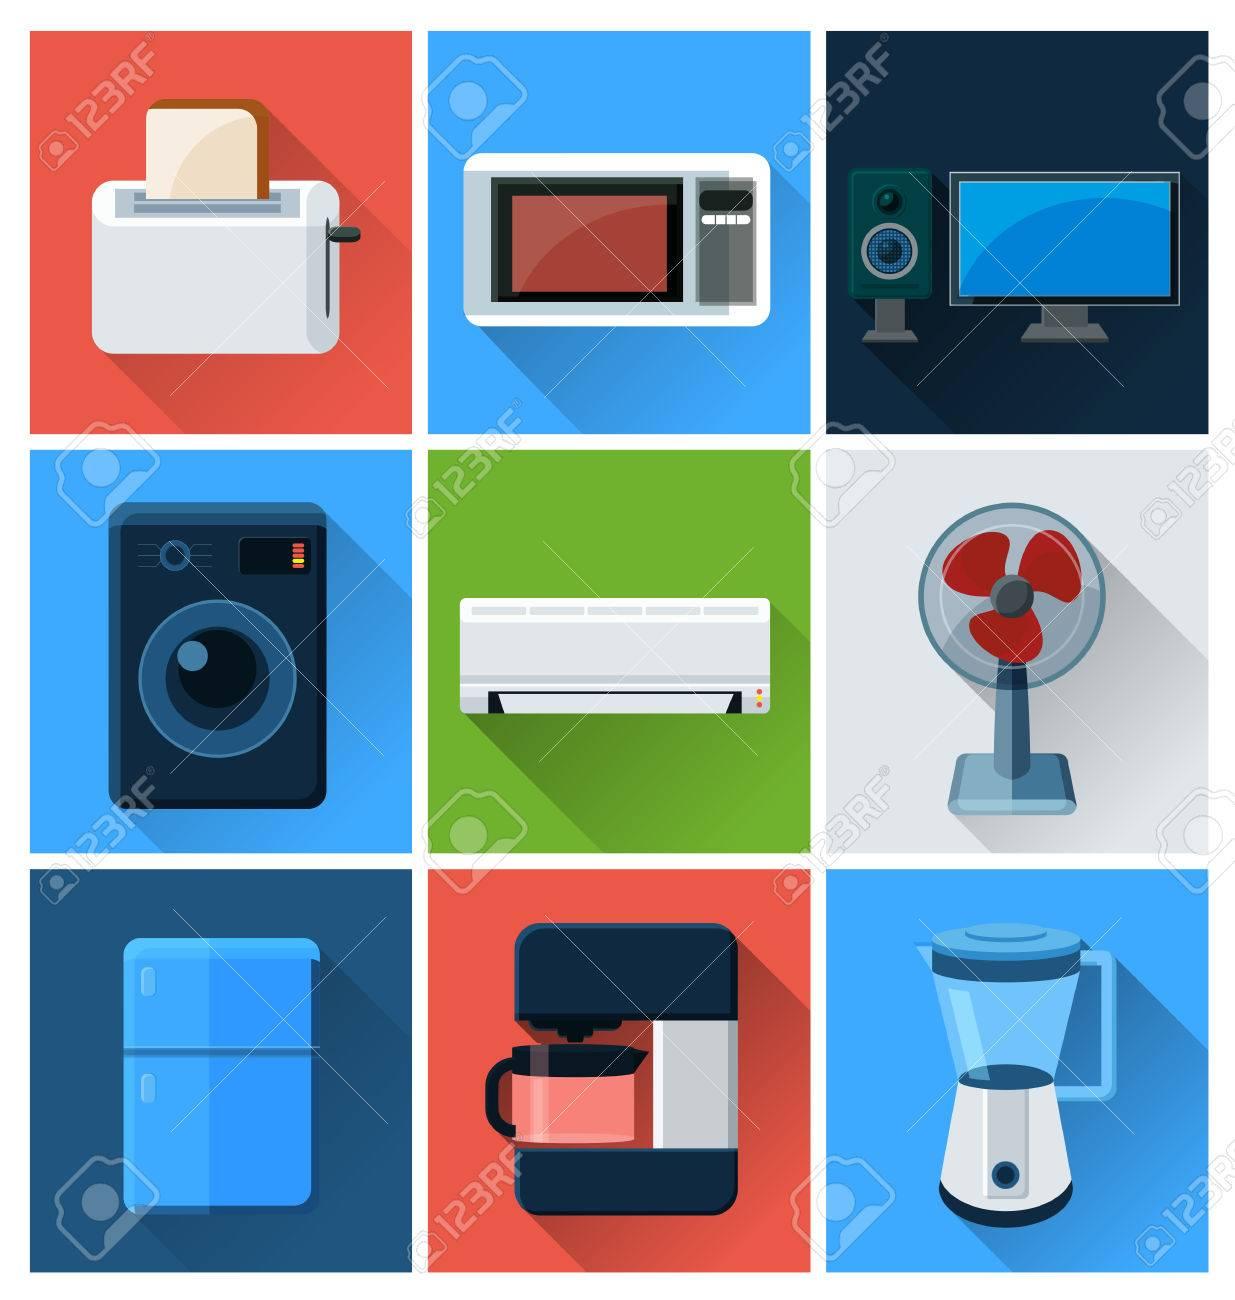 Haushaltsgeräte Und Elektronische Geräte Flache Symbole. Lizenzfrei ...